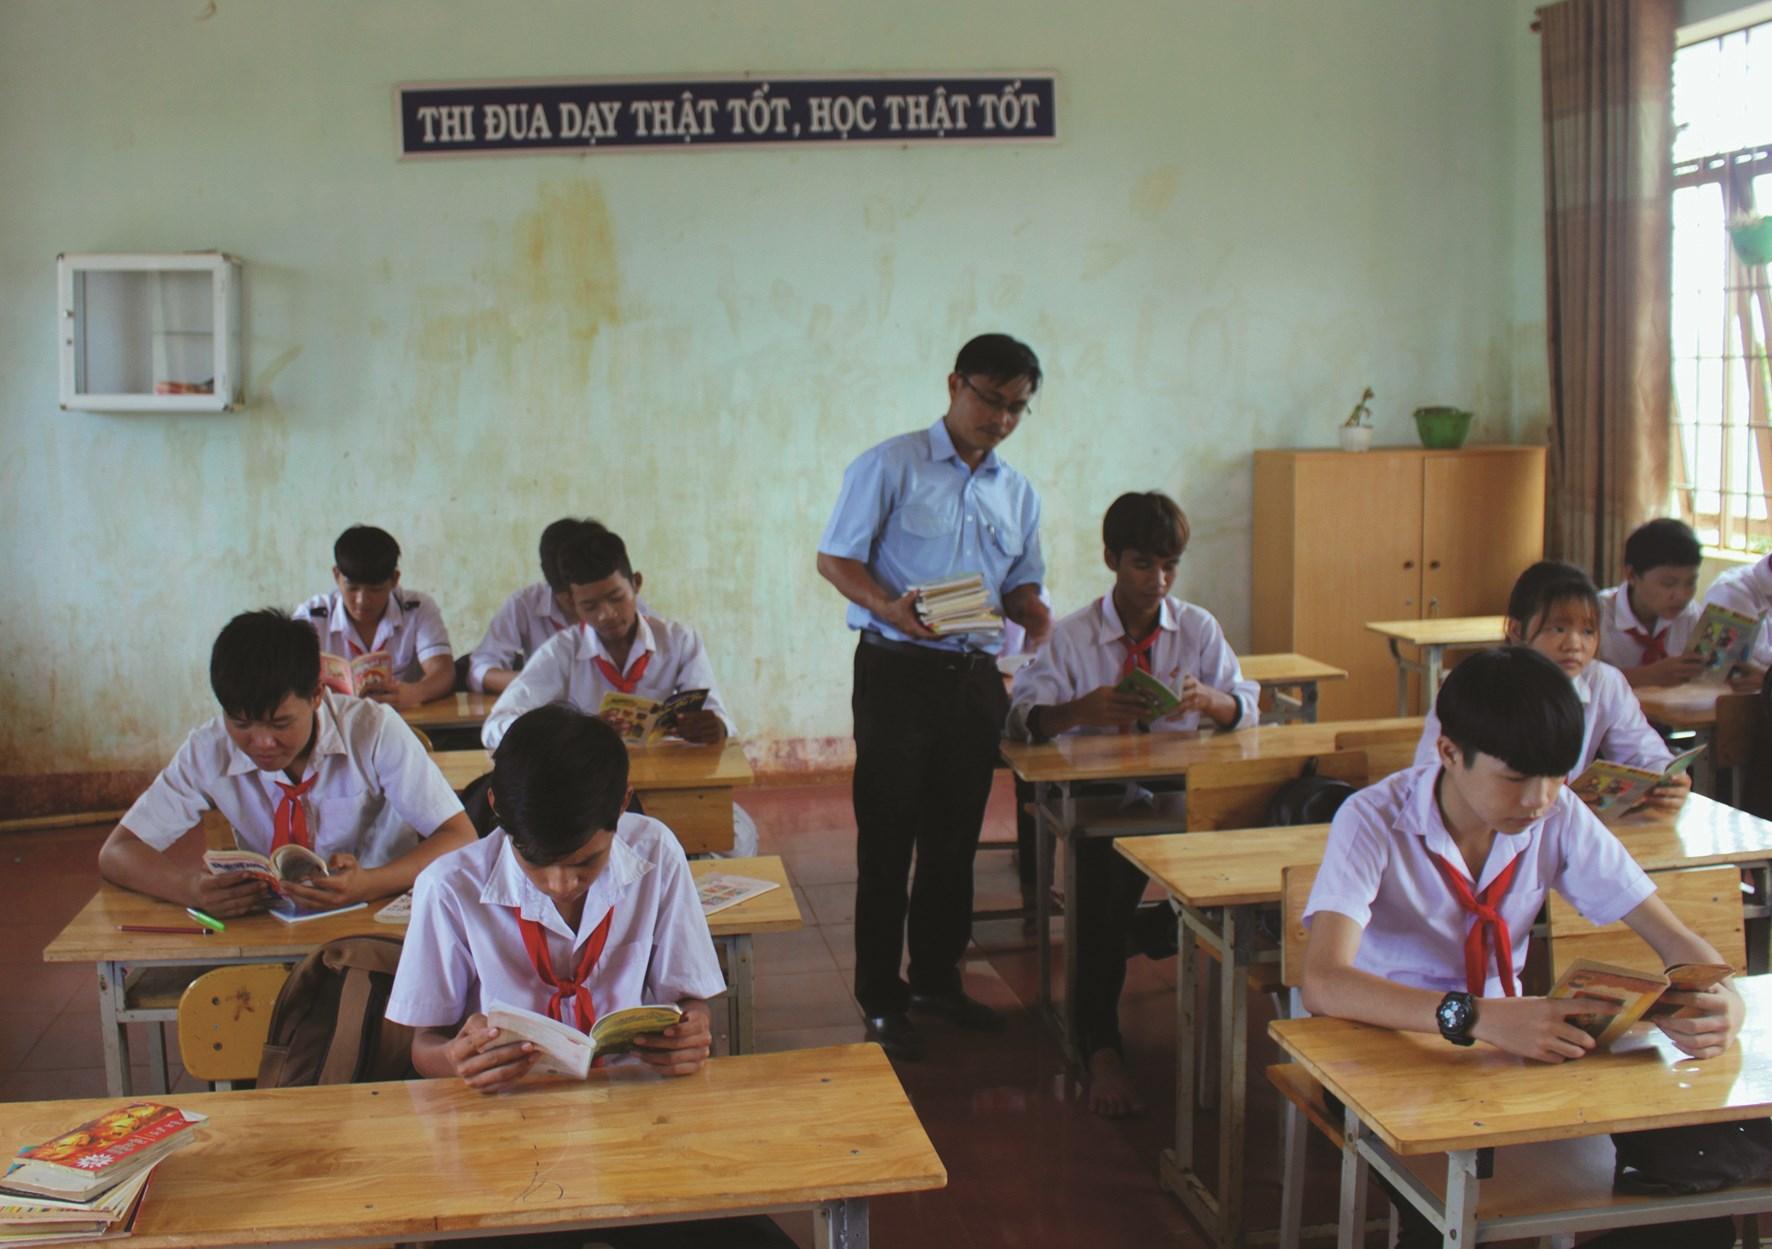 Tiết học đọc sách của thầy trò Trường THCS Ngô Mây.